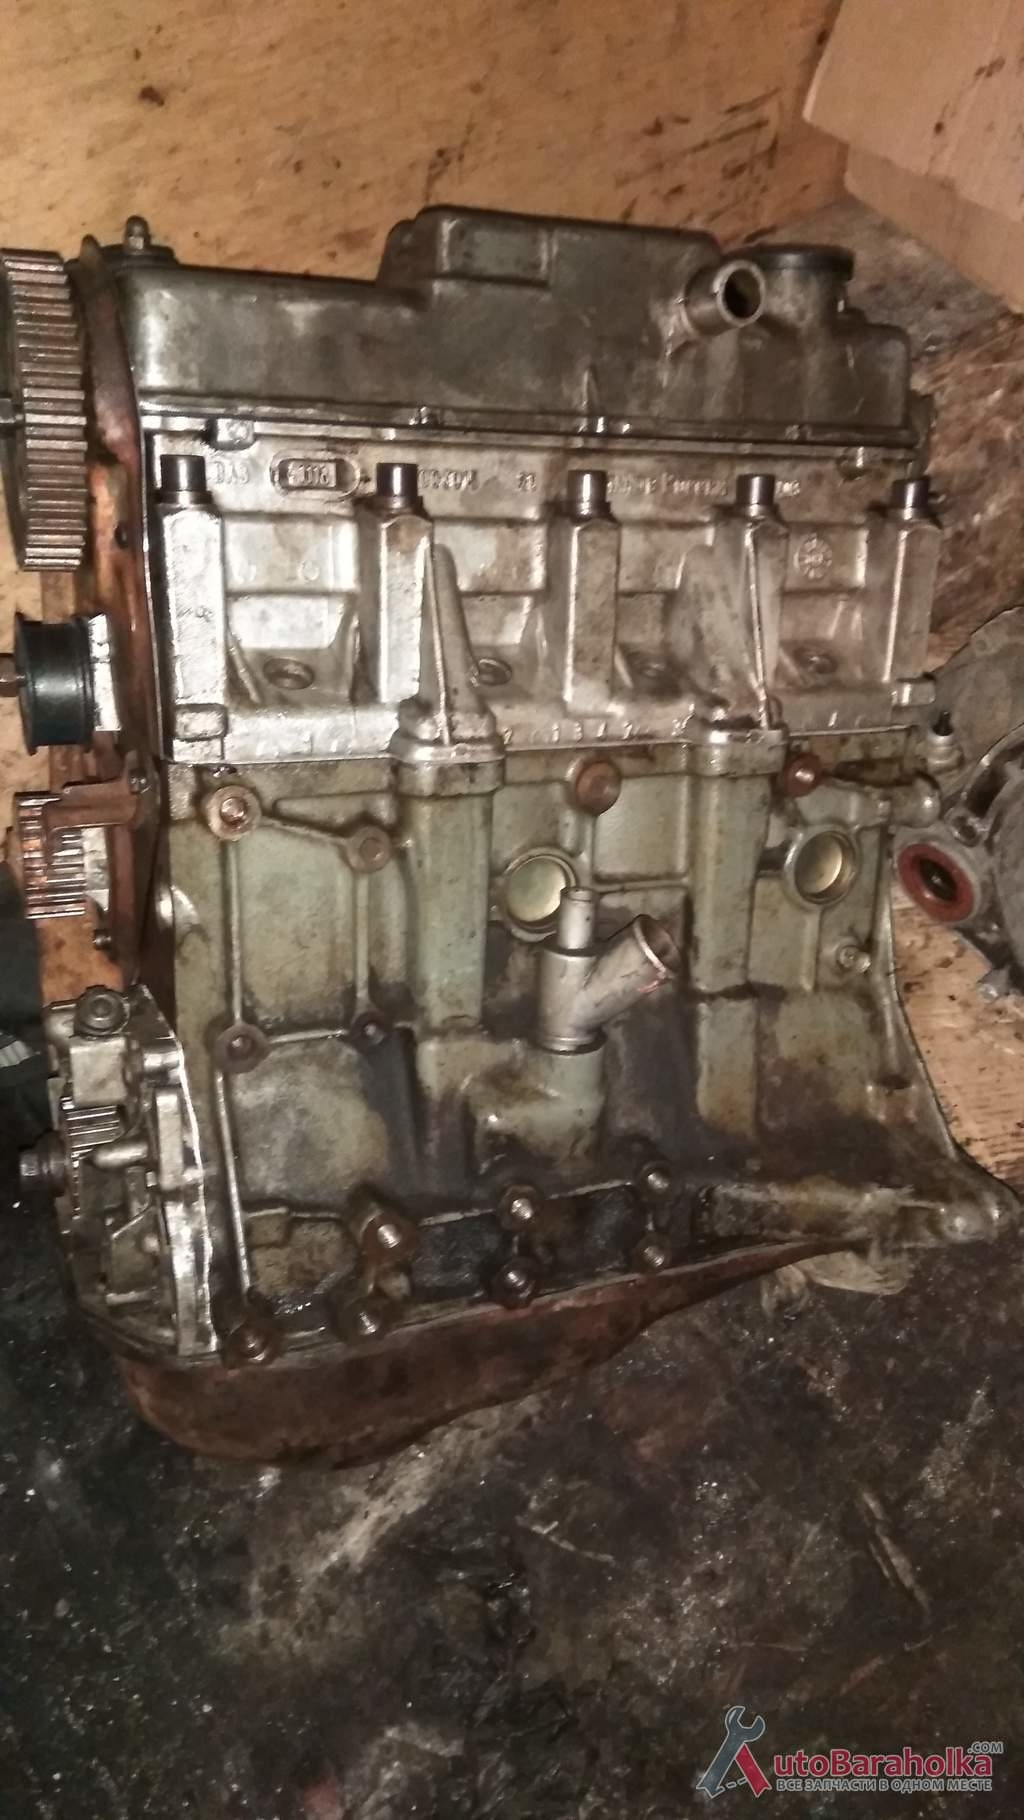 Продам Двигатель 11183 21114 1.6 отличное состояние. из-за границы. со свежей рабочей машины. малый пробег Кировоград